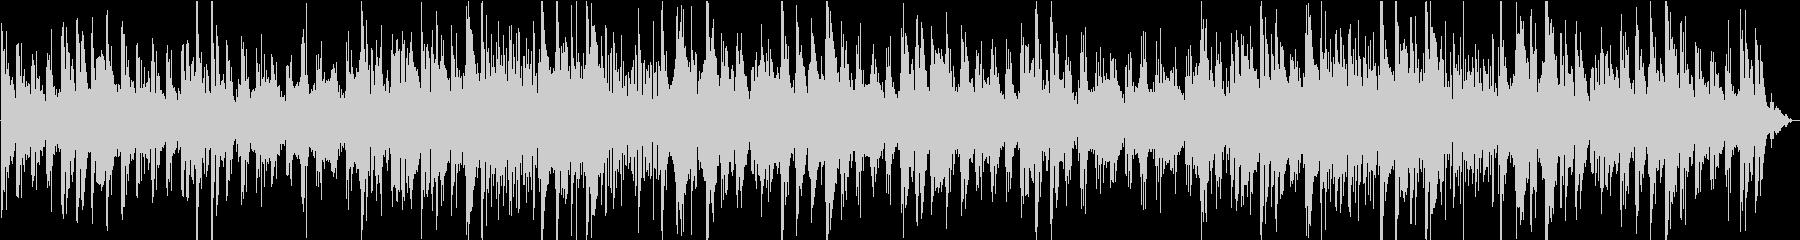 アンティークで寂しいチェレスタ曲の未再生の波形